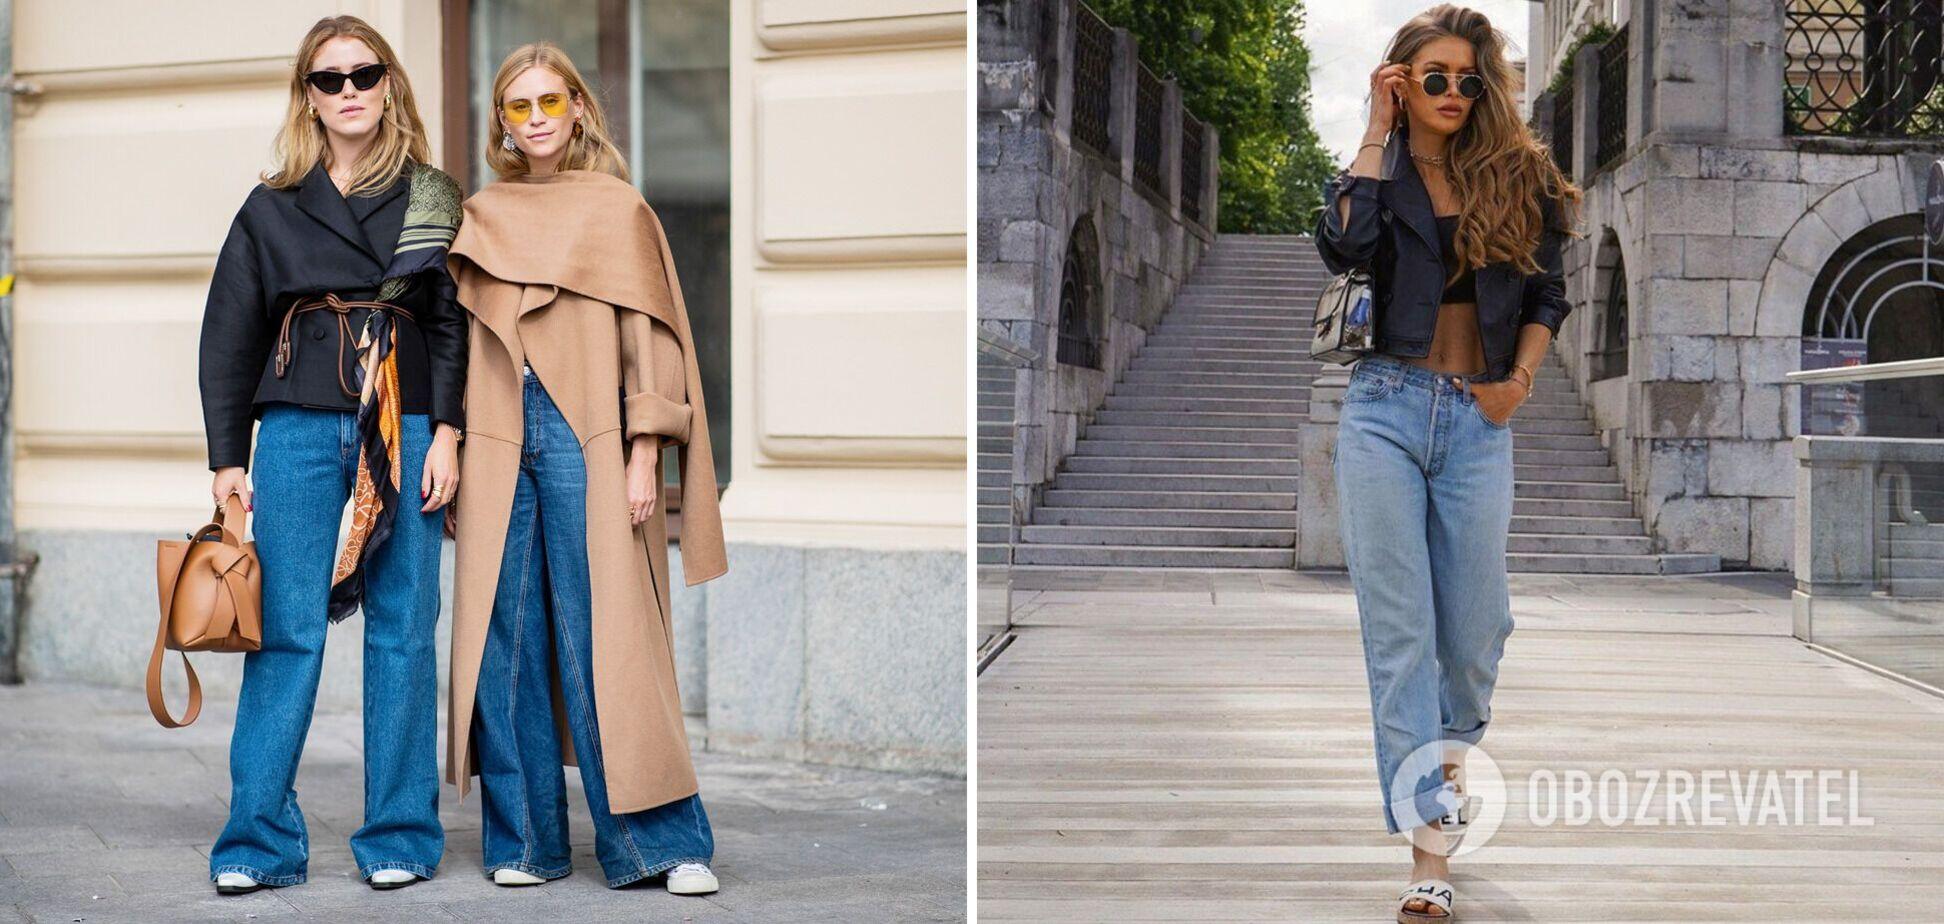 Широкі джинси знову стали трендовими у 2021 році. Фото